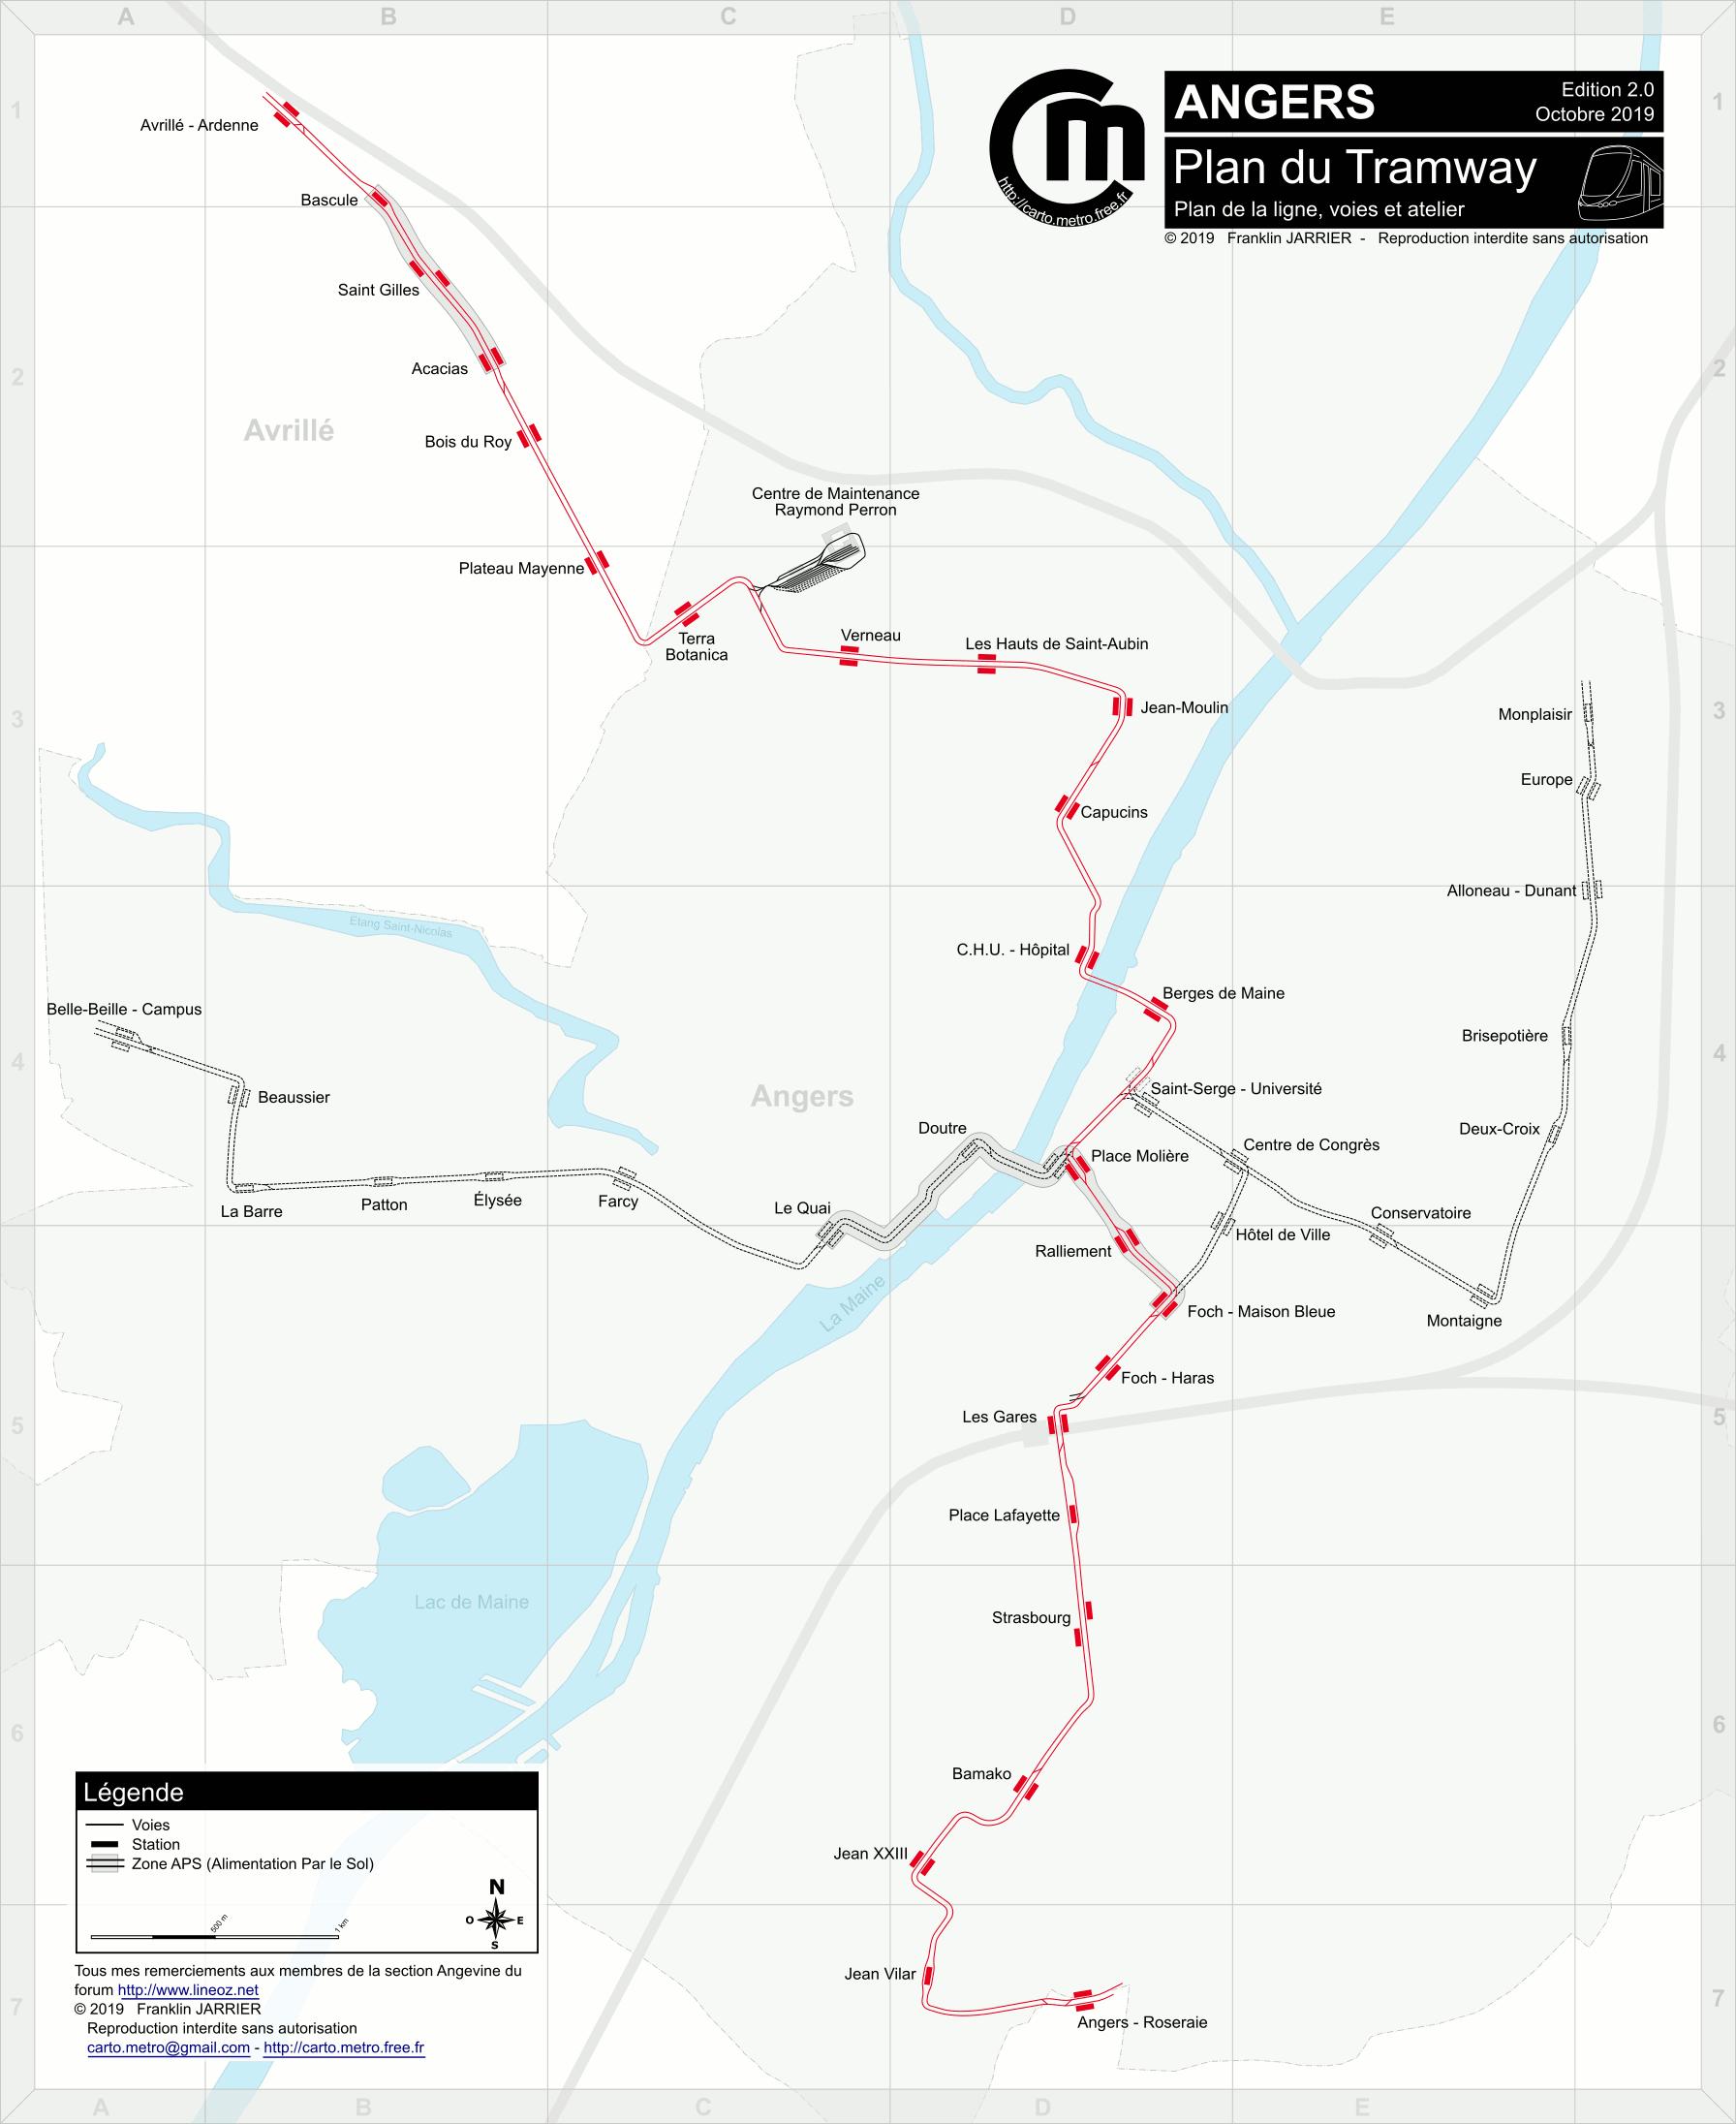 Detailled Tracks map - Paris, Lyon, Lausanne, Milan, Turin ...